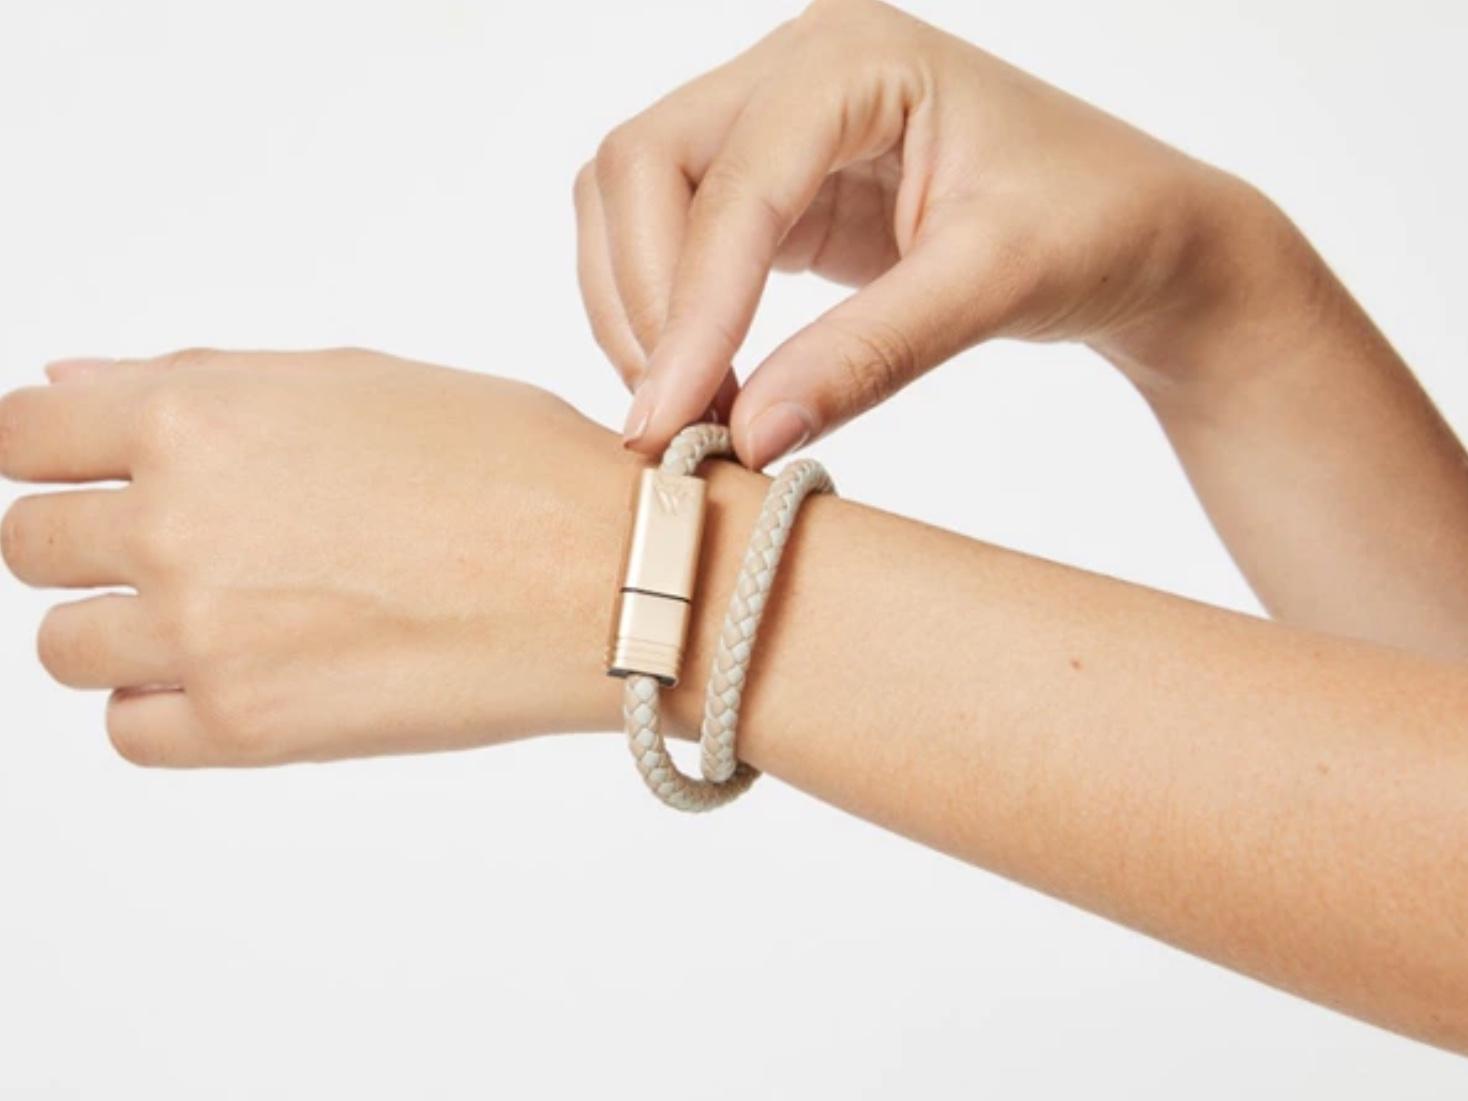 ブレスレット感覚で持ち歩ける充電ケーブル「NILS 2.0」は急速充電にも対応!